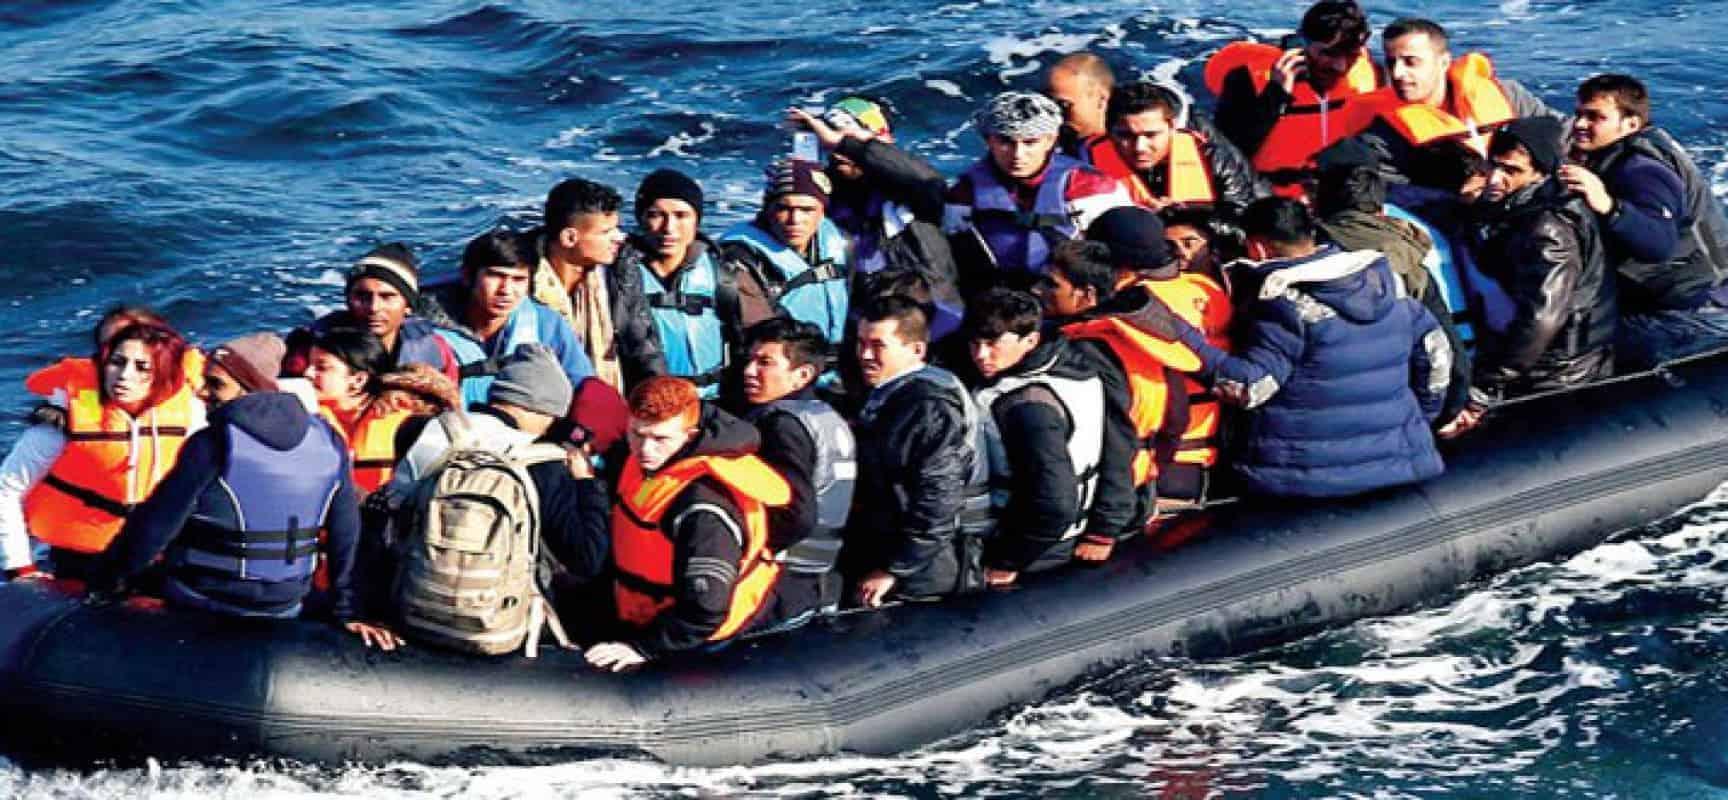 L'Espagne met en garde contre la hausse inquiétante du nombre de clandestins algériens